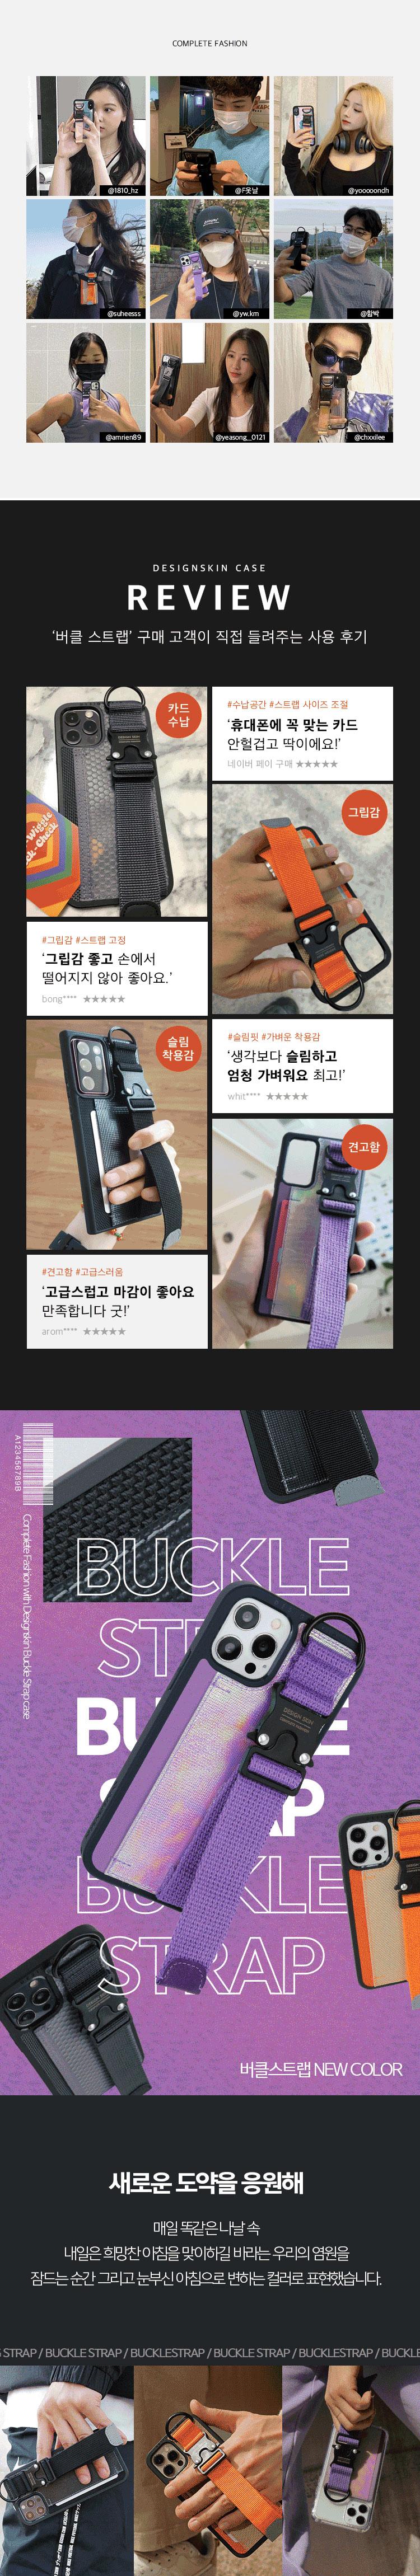 디자인스킨(DESIGNSKIN) 아이폰/갤럭시/갤럭시노트 뉴 버클 스트랩 케이스